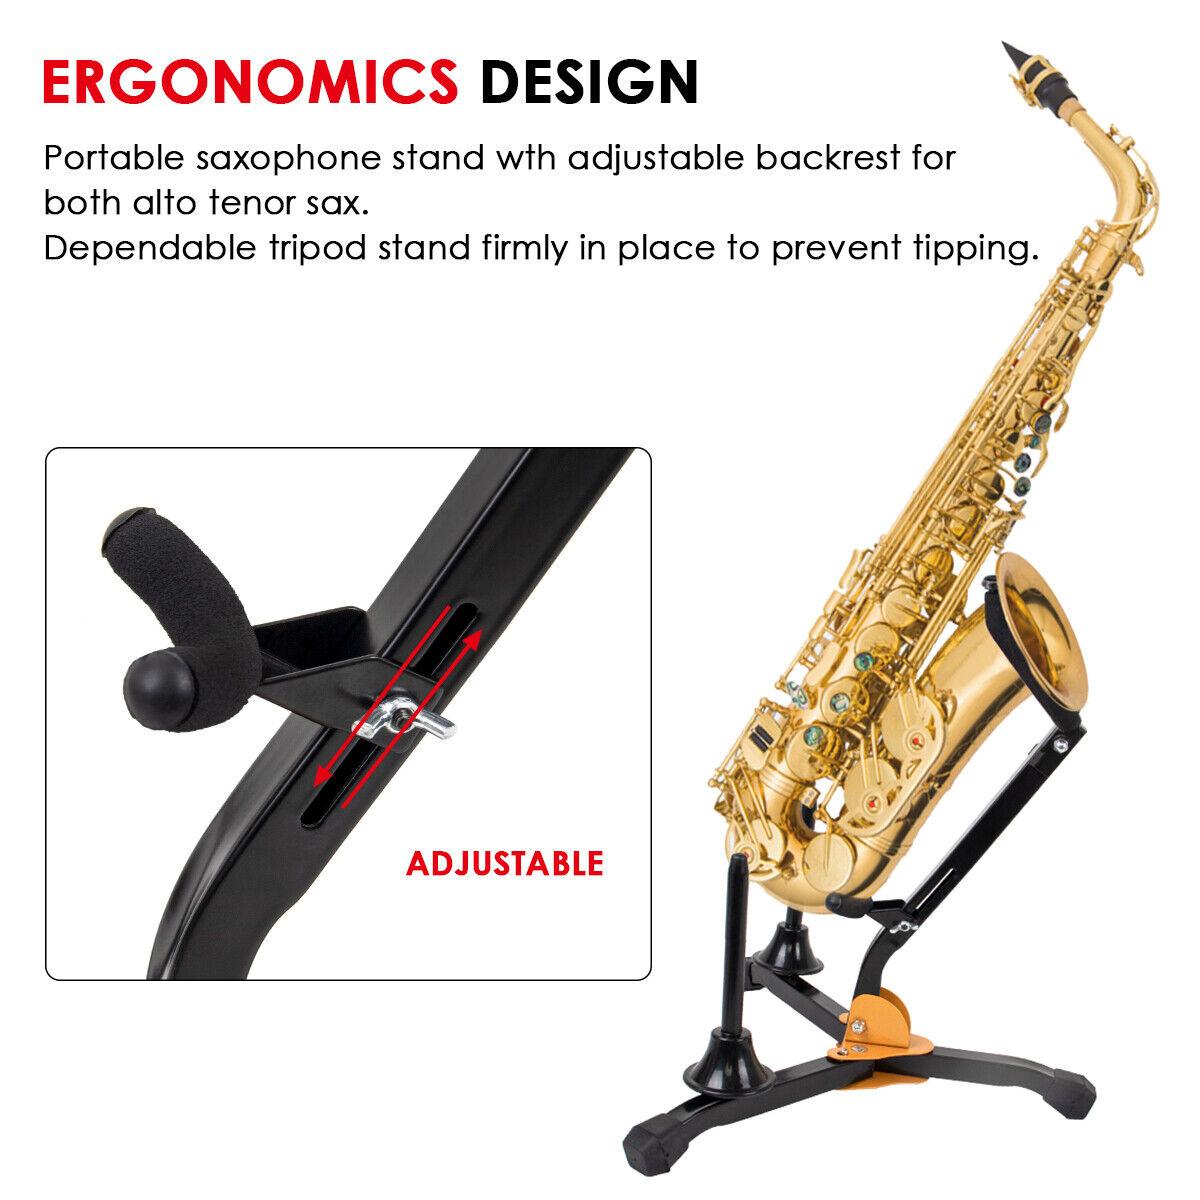 BSX Kombinationsständer Ständer für Alt und Tenorsaxophon Saxophonständer Neu